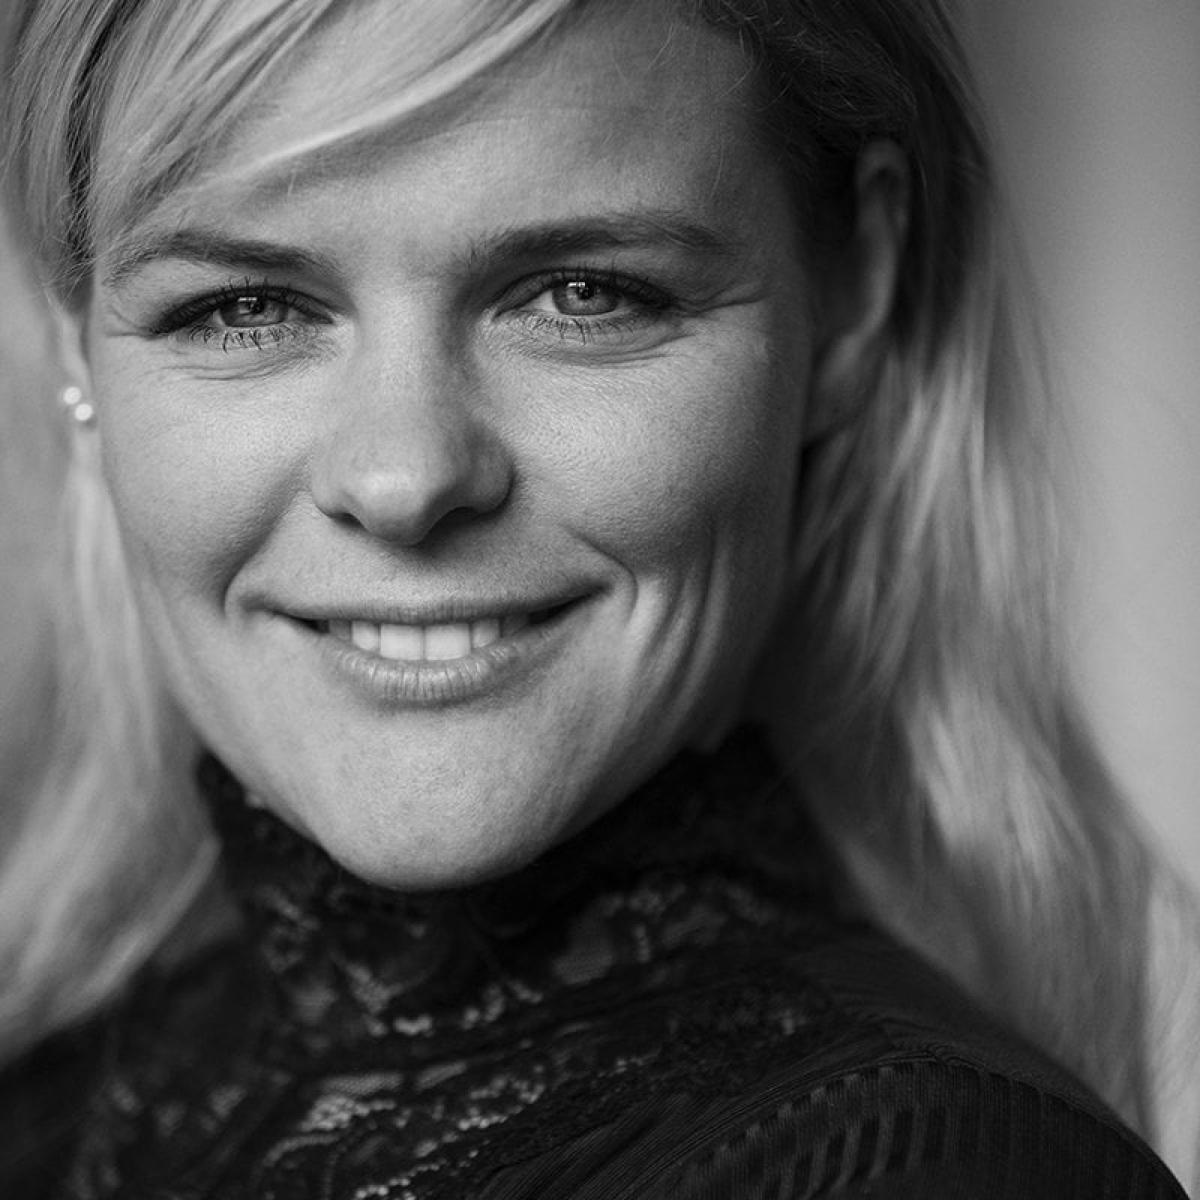 AFLYST: KP Velfærdshelte: Mød Maren Elise Skjerlie Gilling